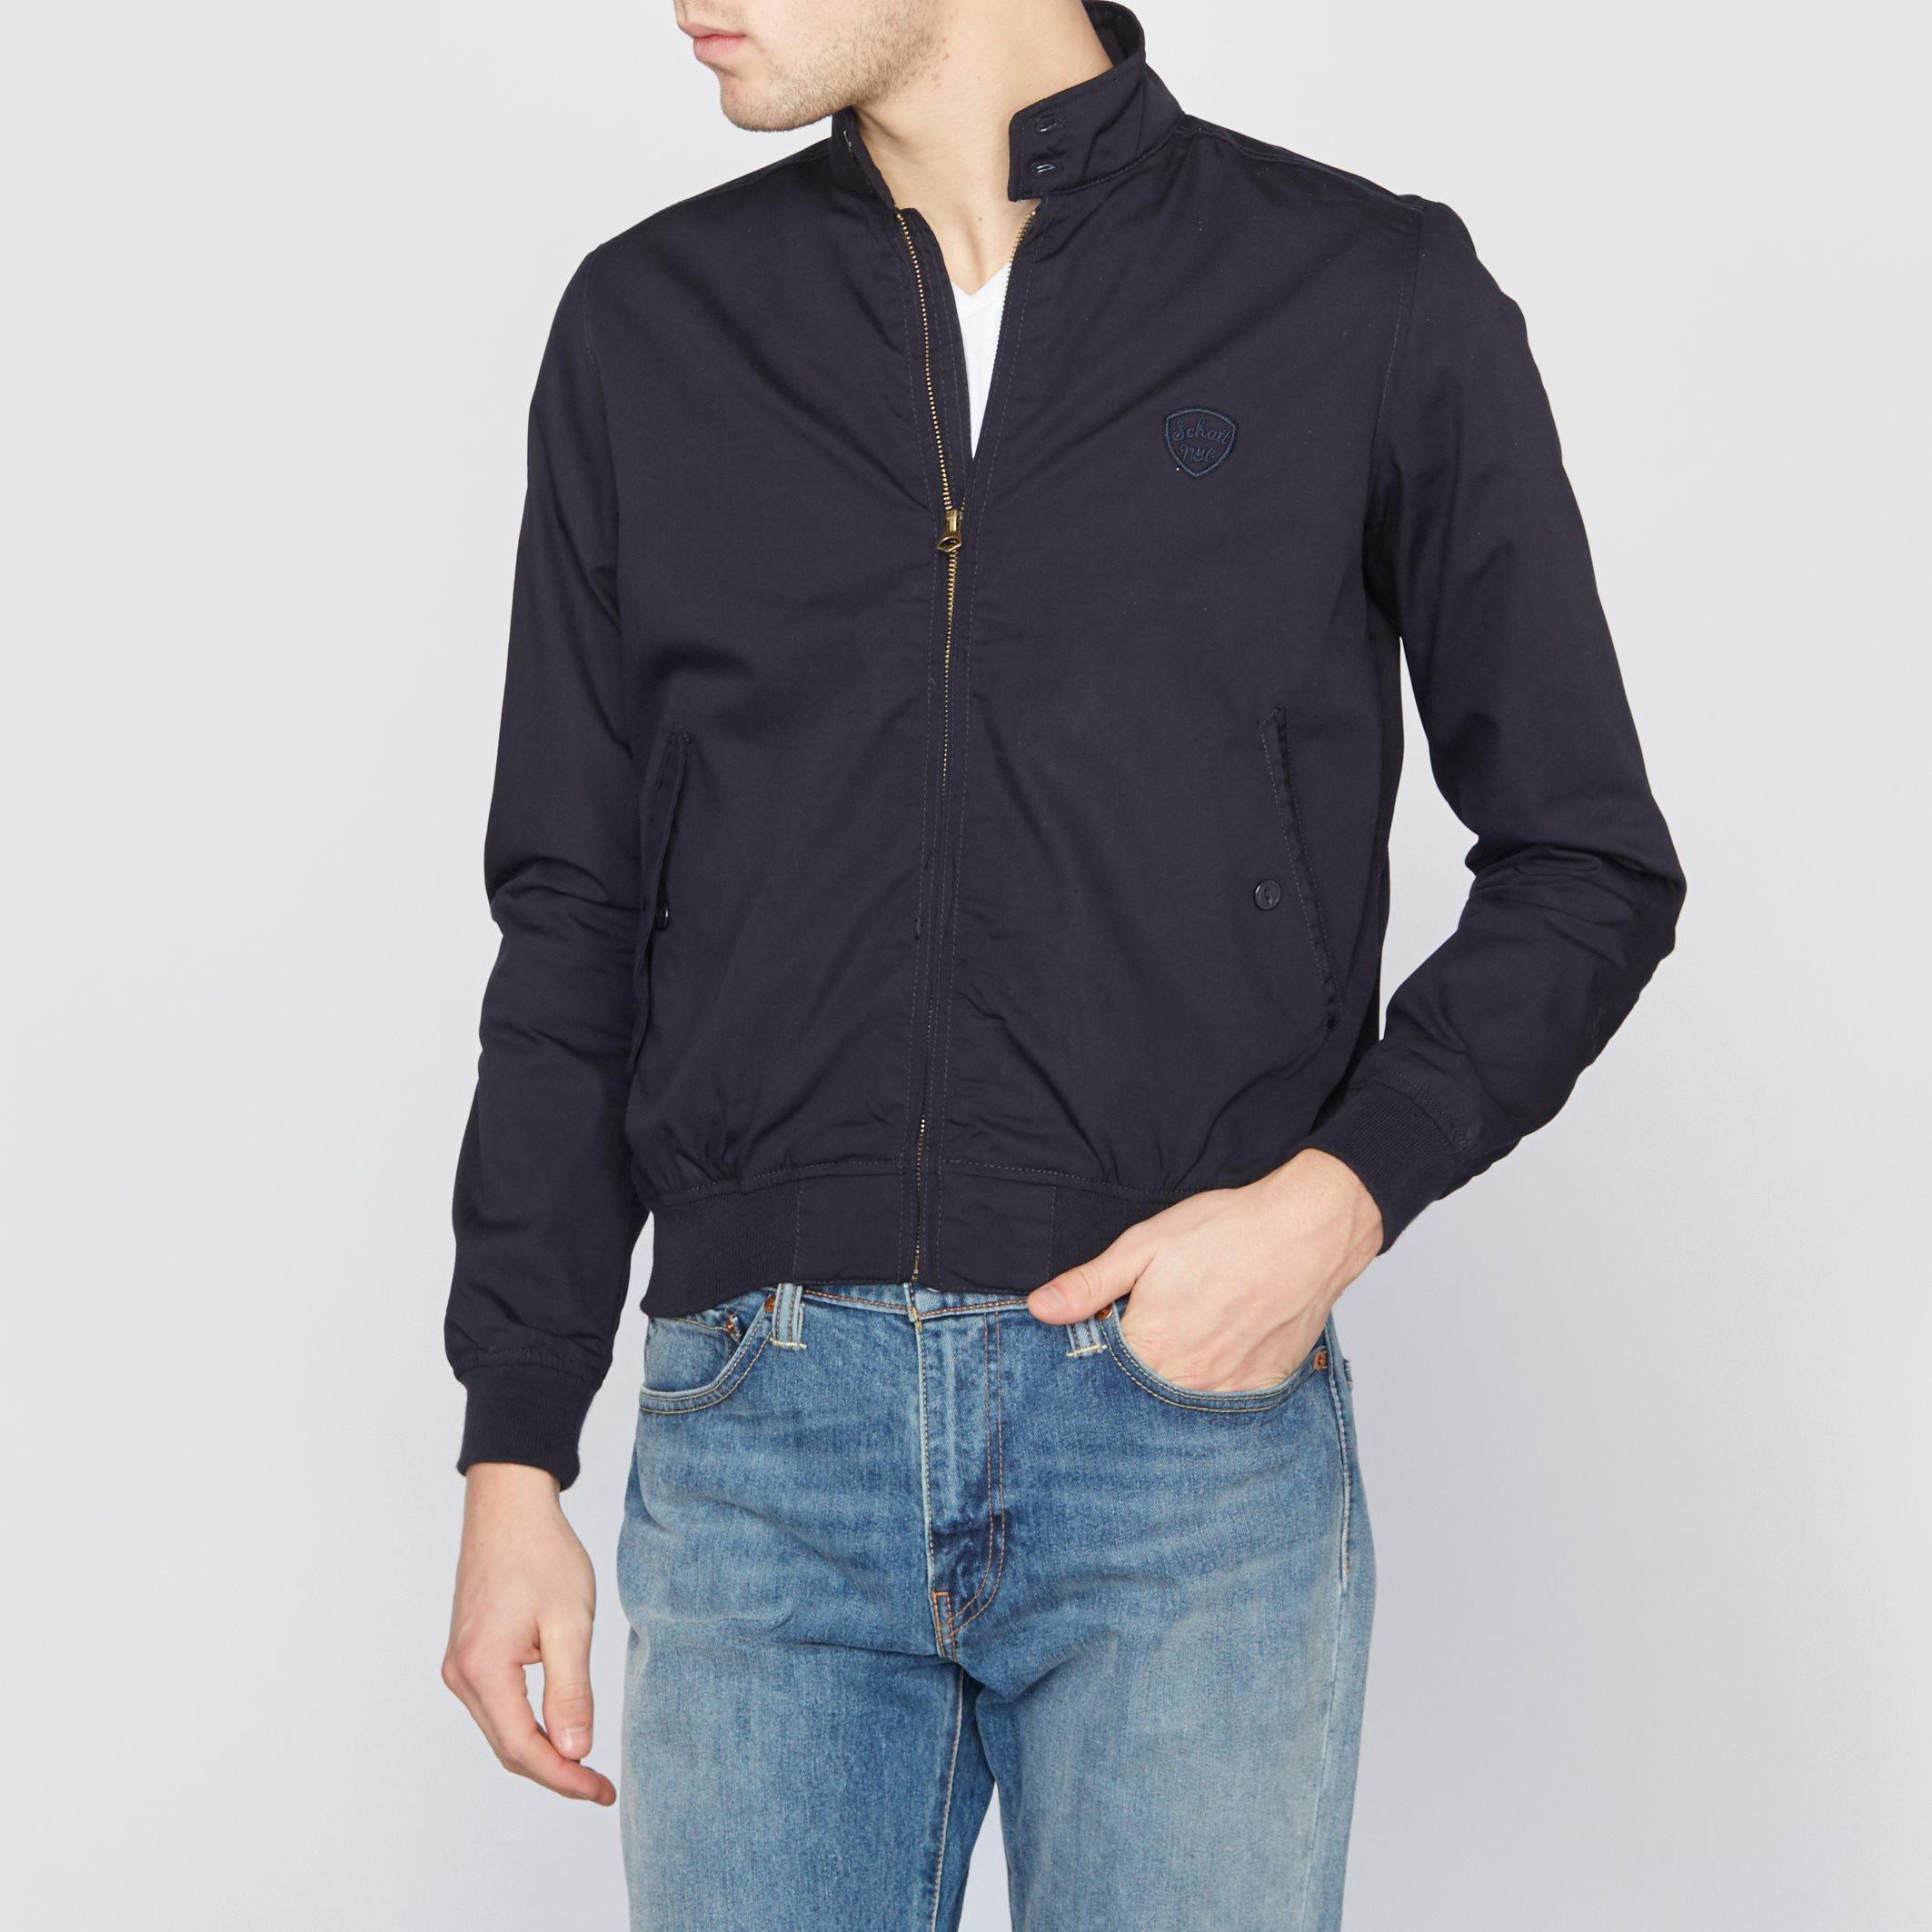 lyst schott nyc stardust bomber jacket in black for men. Black Bedroom Furniture Sets. Home Design Ideas